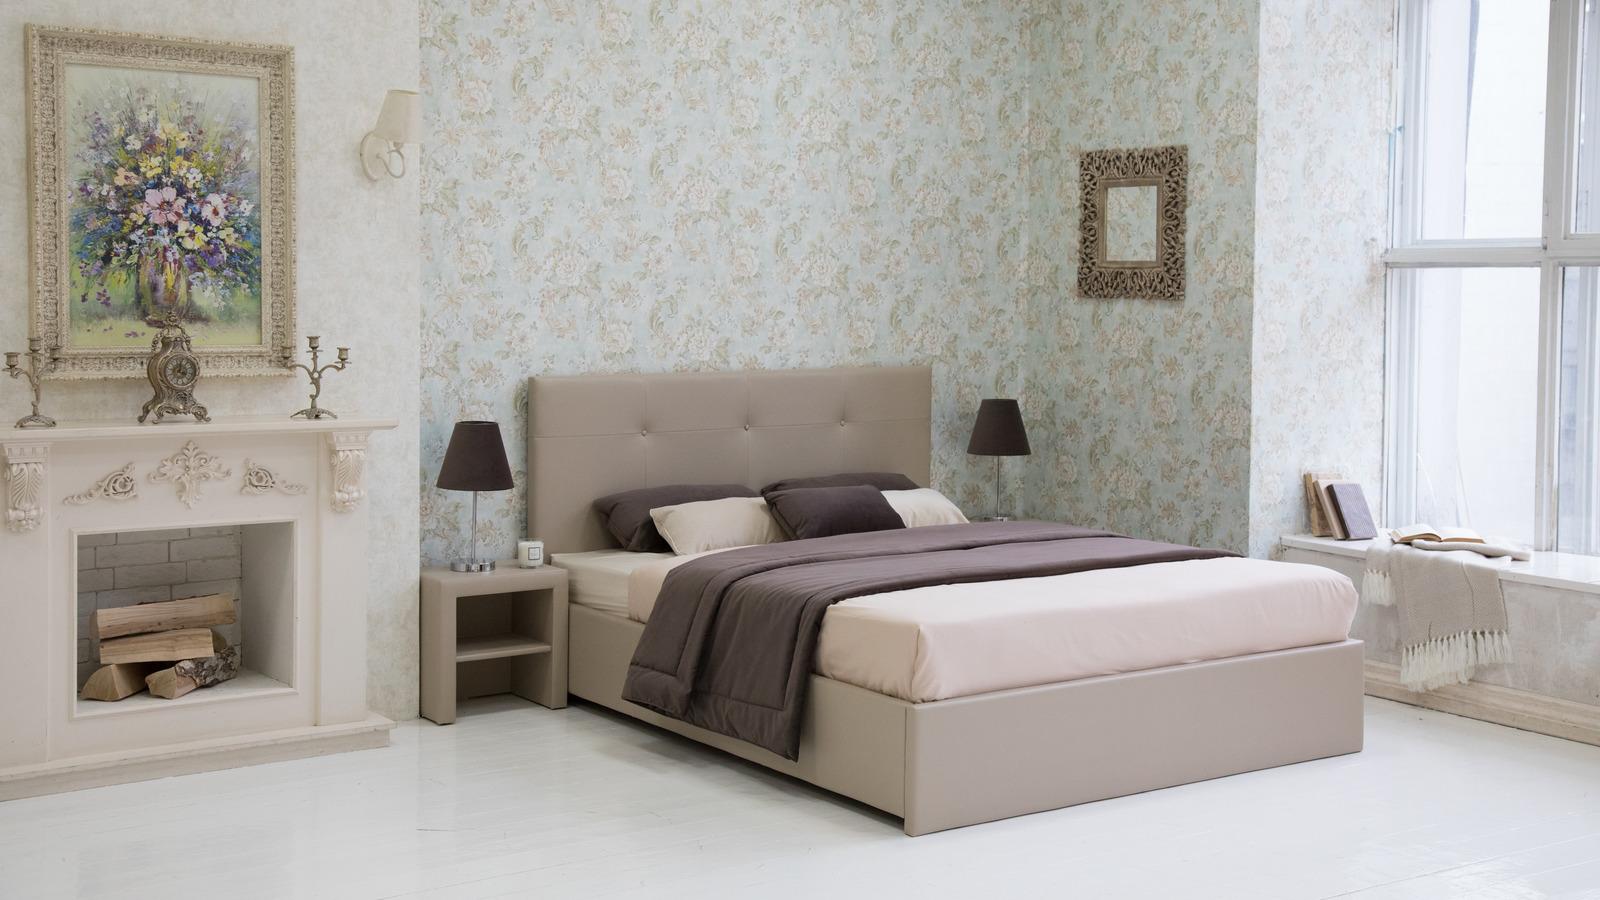 Кровать Maya сдержанного классического дизайна. Строгость линий и минимум деталей делают Maya универсальной для современных интерьеров